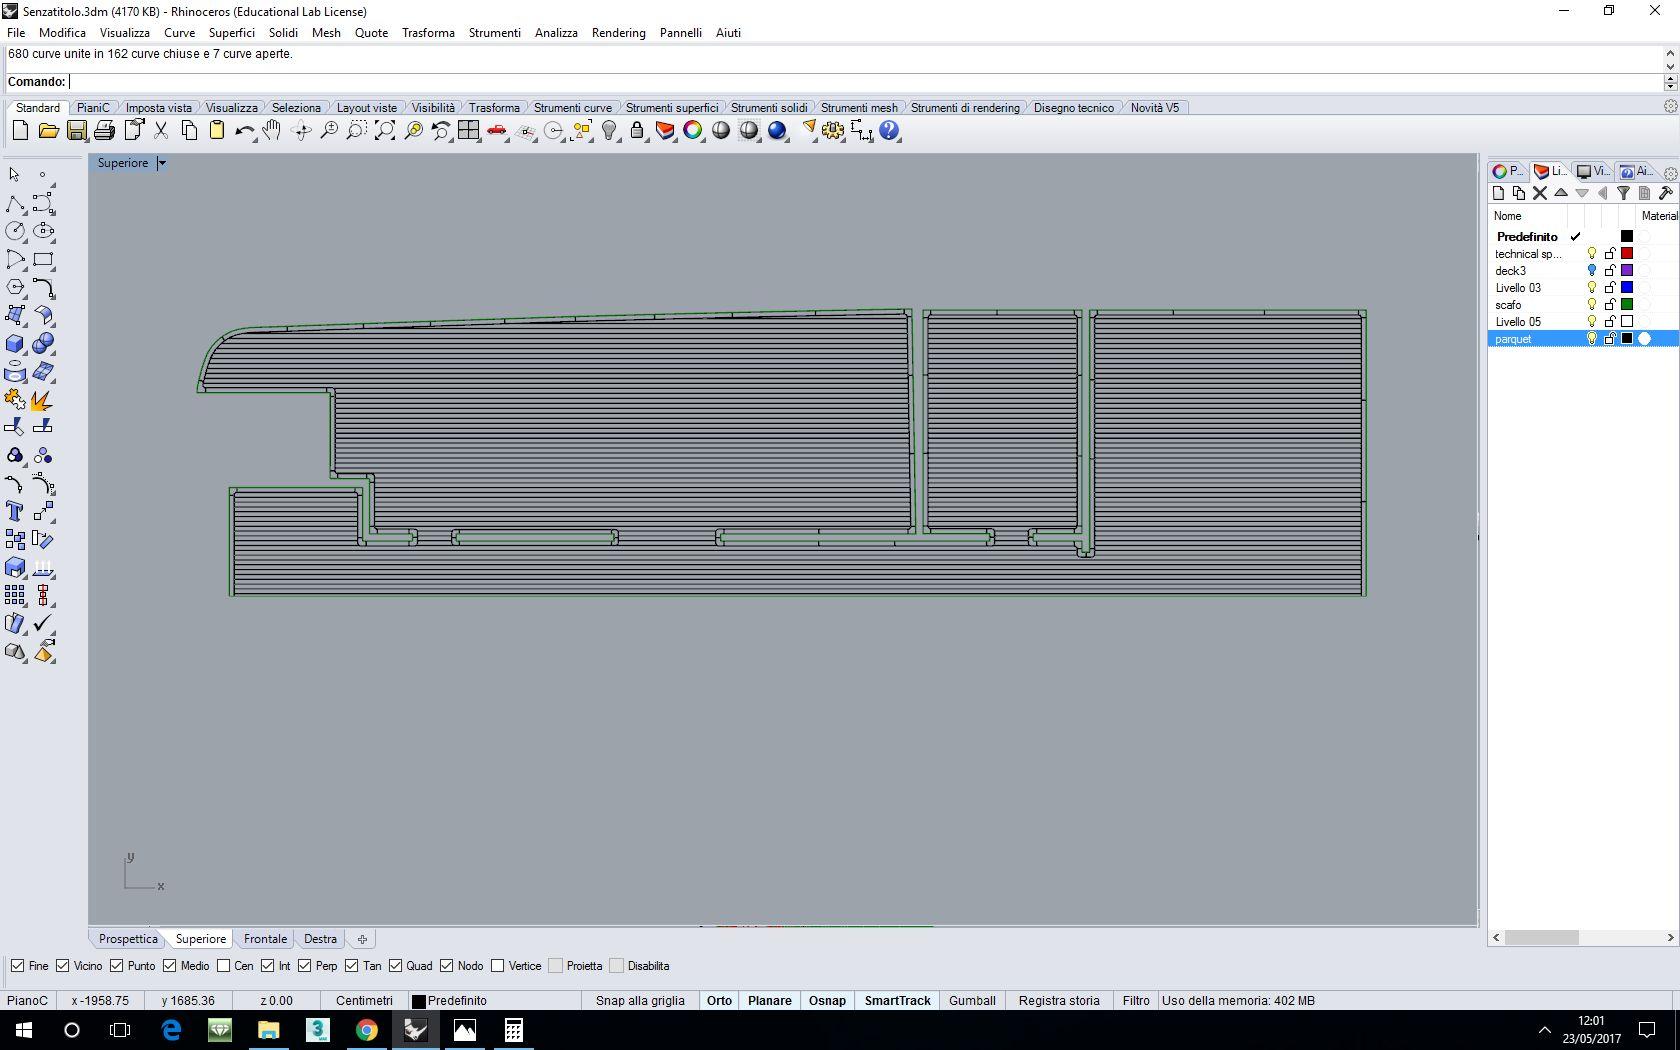 Screenshot - 23_05_2017 , 12_01_47.jpg